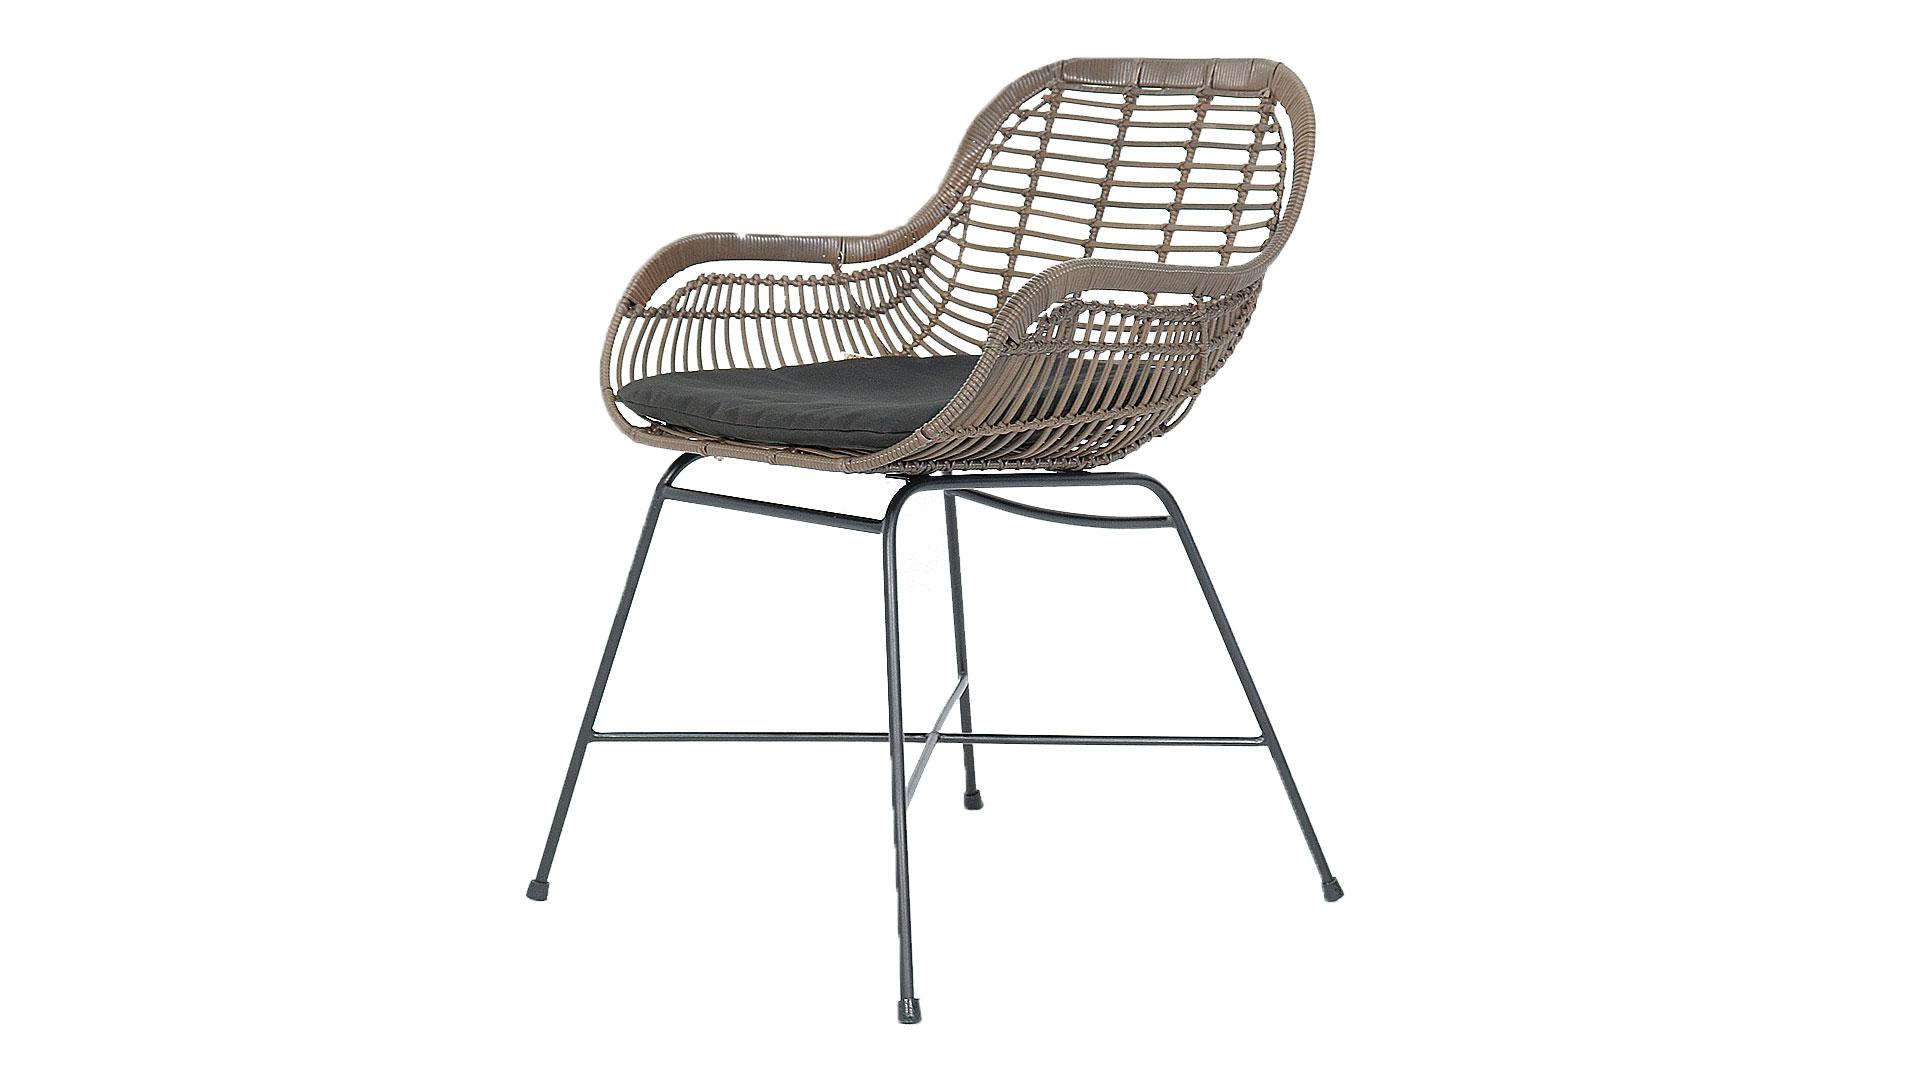 屋外用の椅子。アウトドアインテリアのガーデンファニチャーの斜めの画像